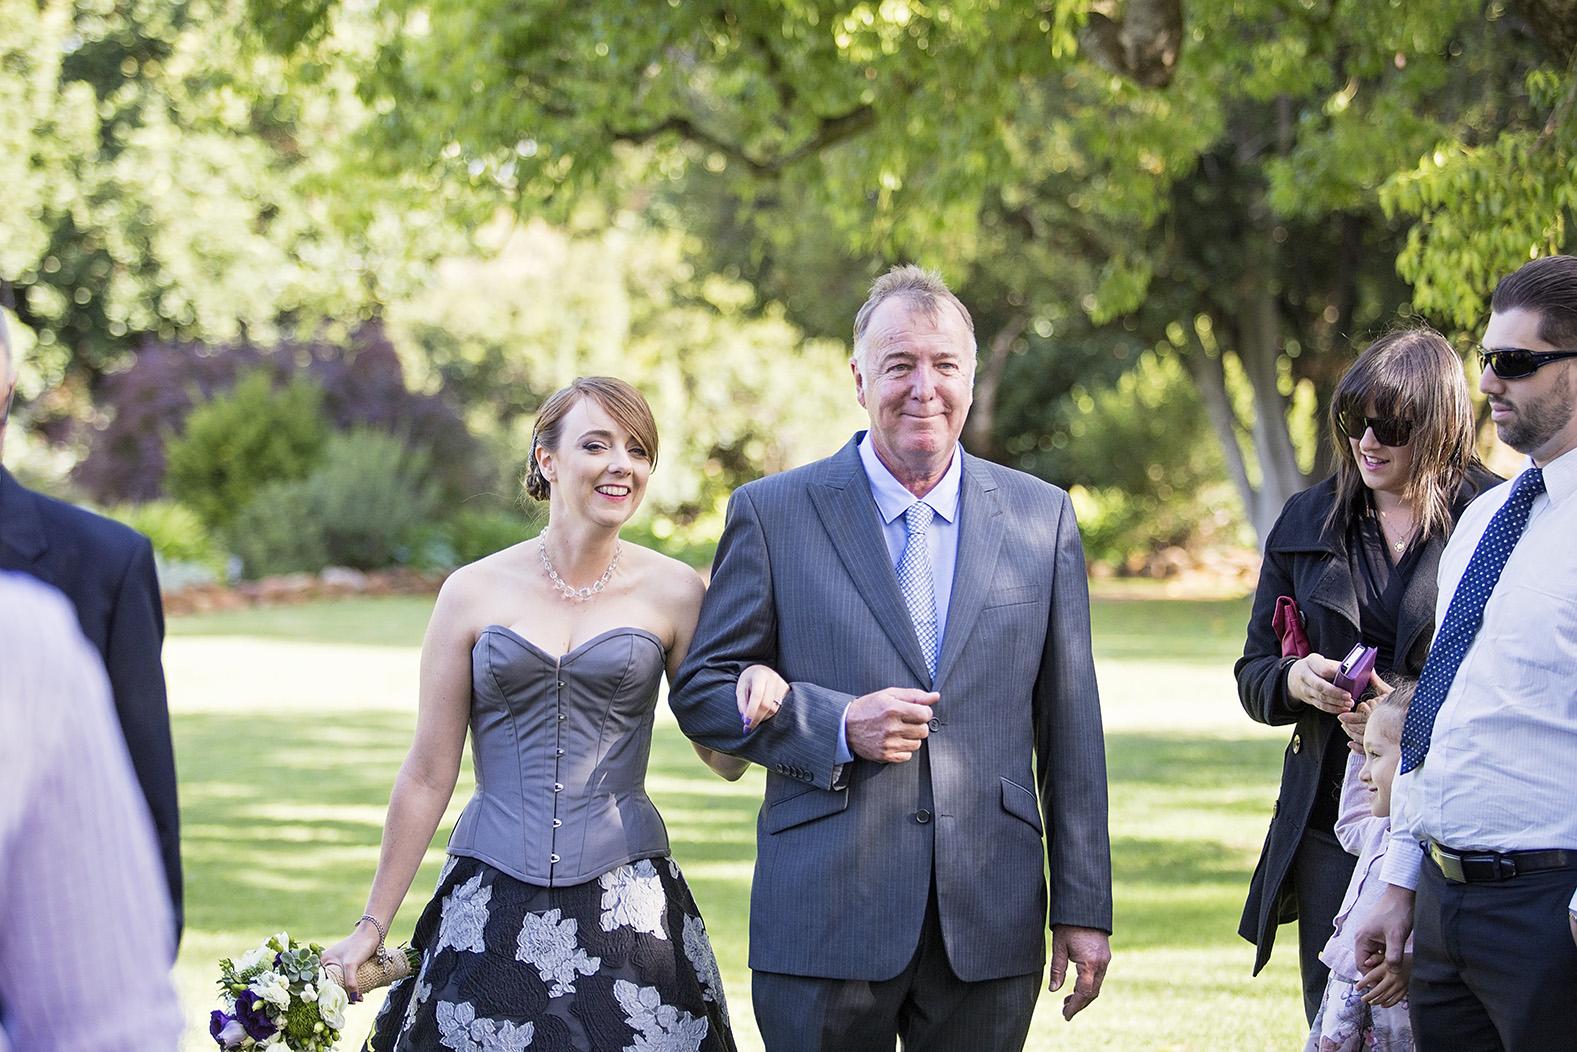 Rustic Rockabilly Clare Valley Wedding 15.jpg